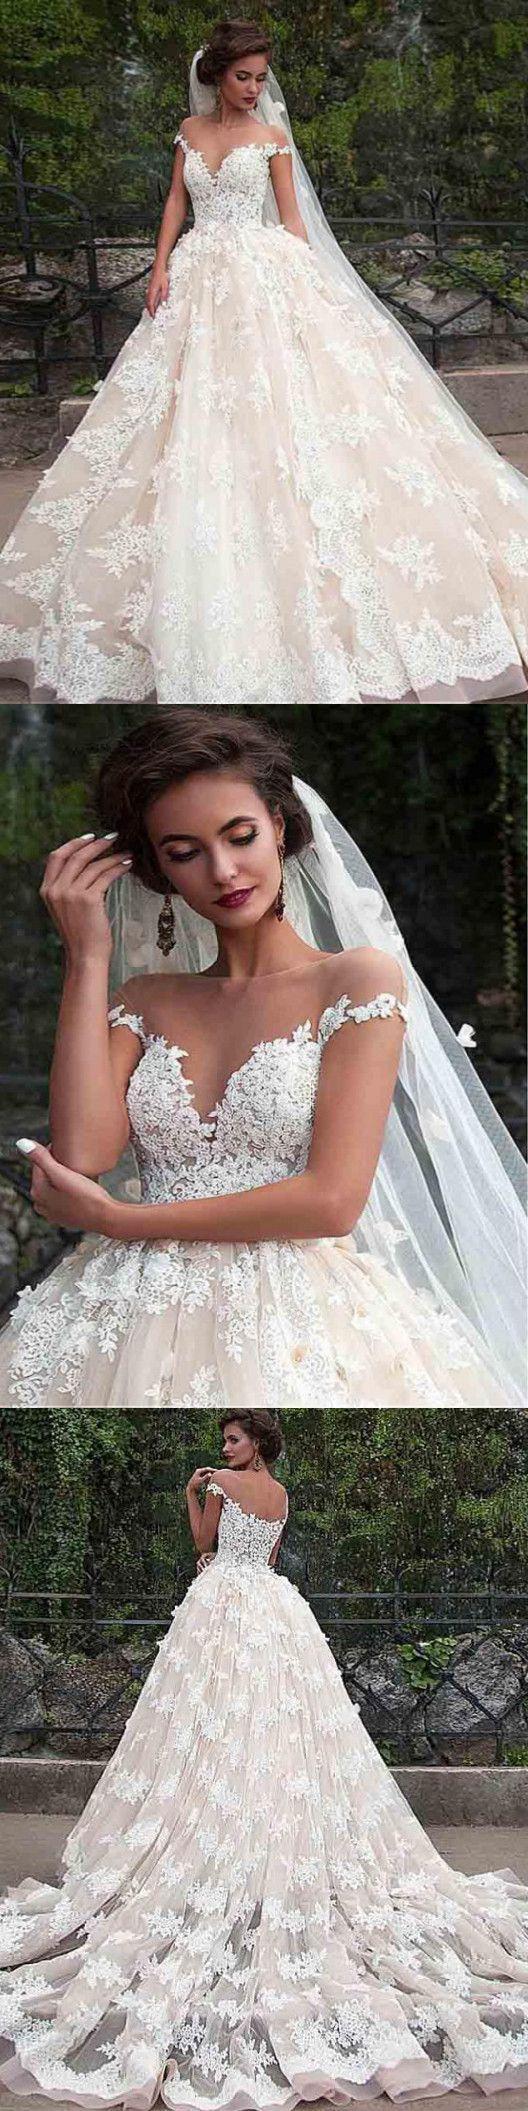 Brautkleider Spitze, Brautkleider Vintage, Brautkleider einfach, bescheidene Hoc…